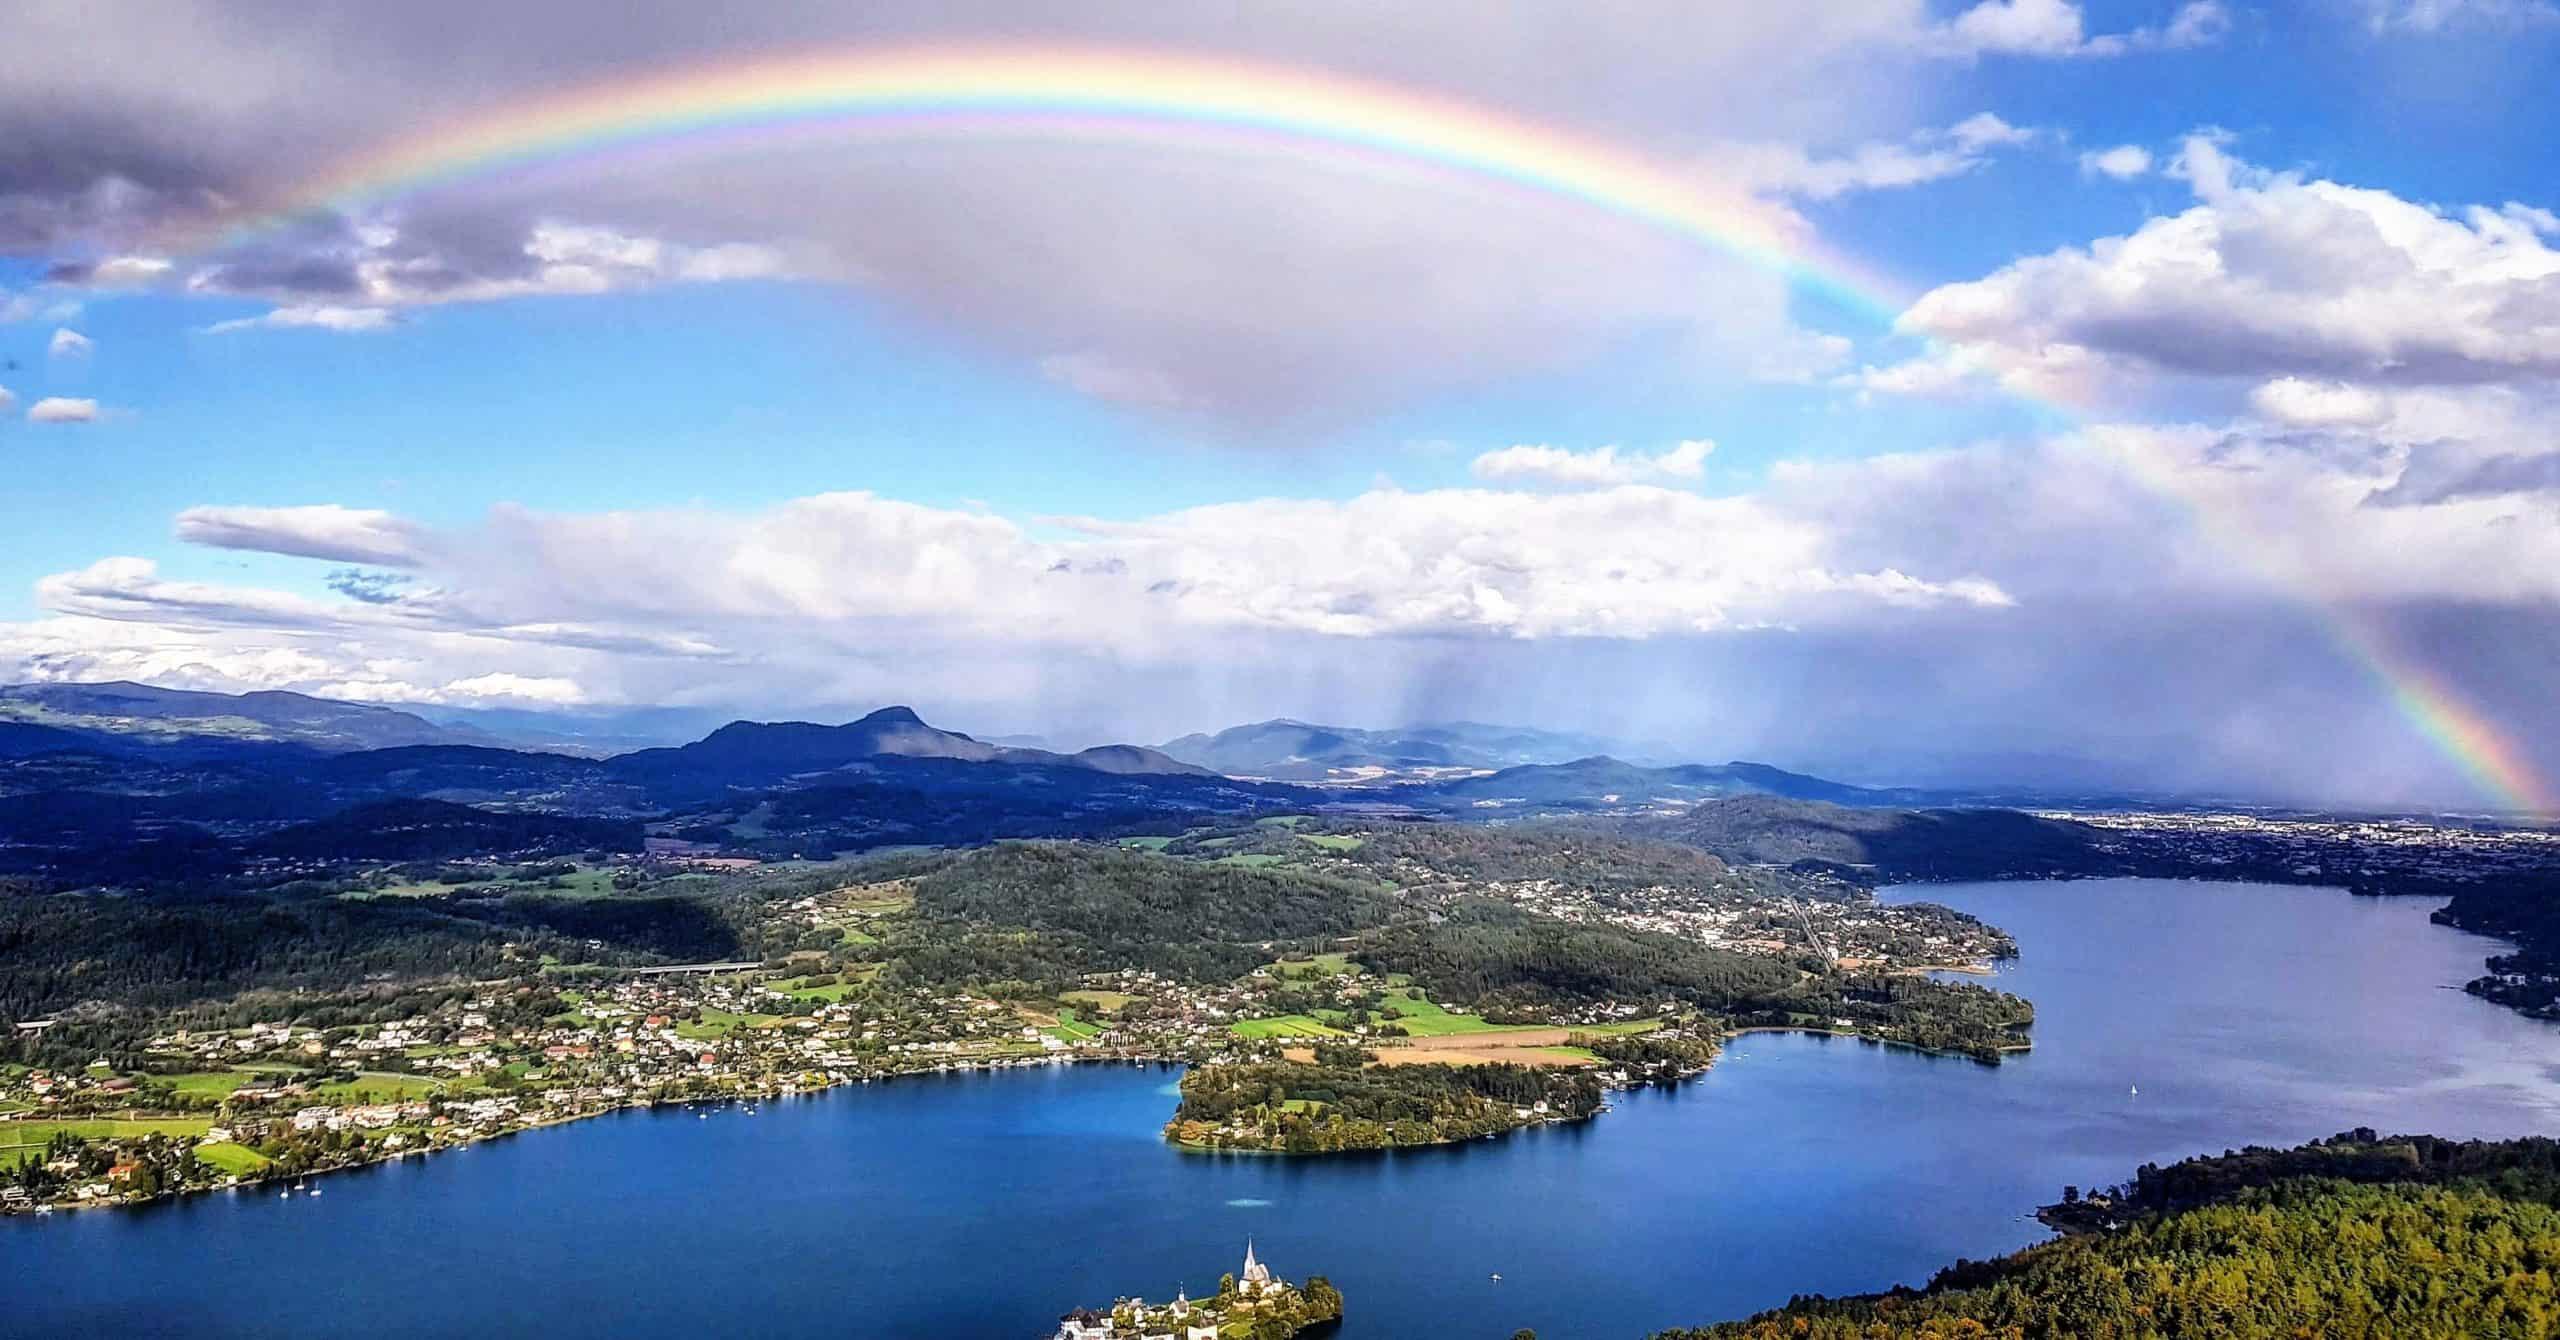 Regenbogen im Herbst bei Ausflug auf Pyramidenkogel. Sehenswürdigkeit in Österreich.